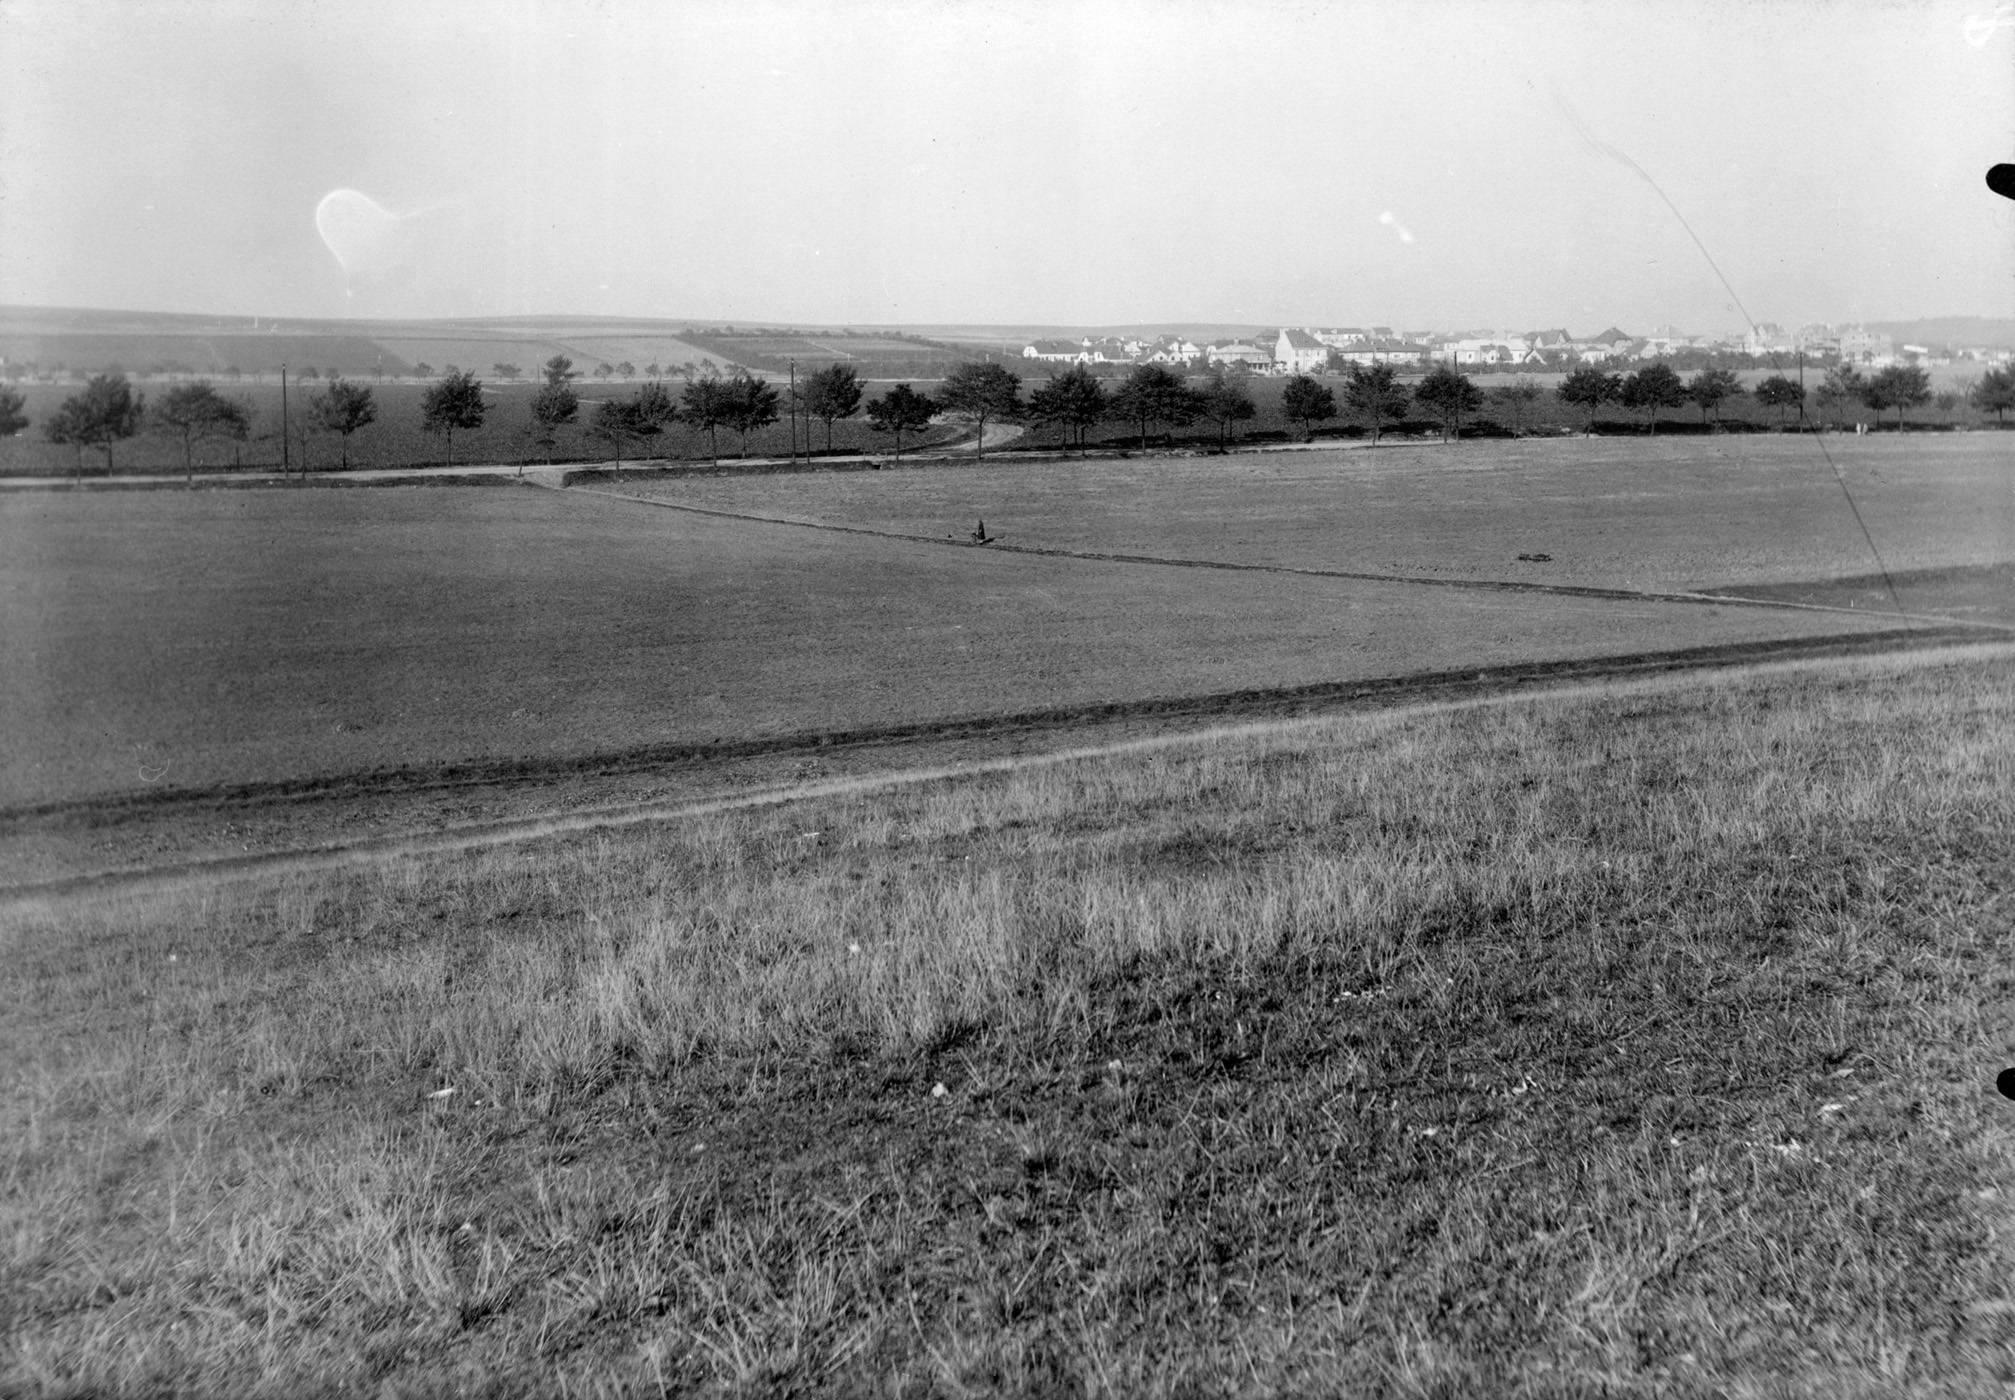 Tento snímek z roku 1927 navazuje na předchozí a ukazuje zemědělské plochy, které dnes zabýrá sídliště Solidarita a Strašnice. Uprostřed alejí lemovaná ulice V Olšinách, zcela v pozadí staré Malešice. - popisky sepsal architekt Petr Kučera